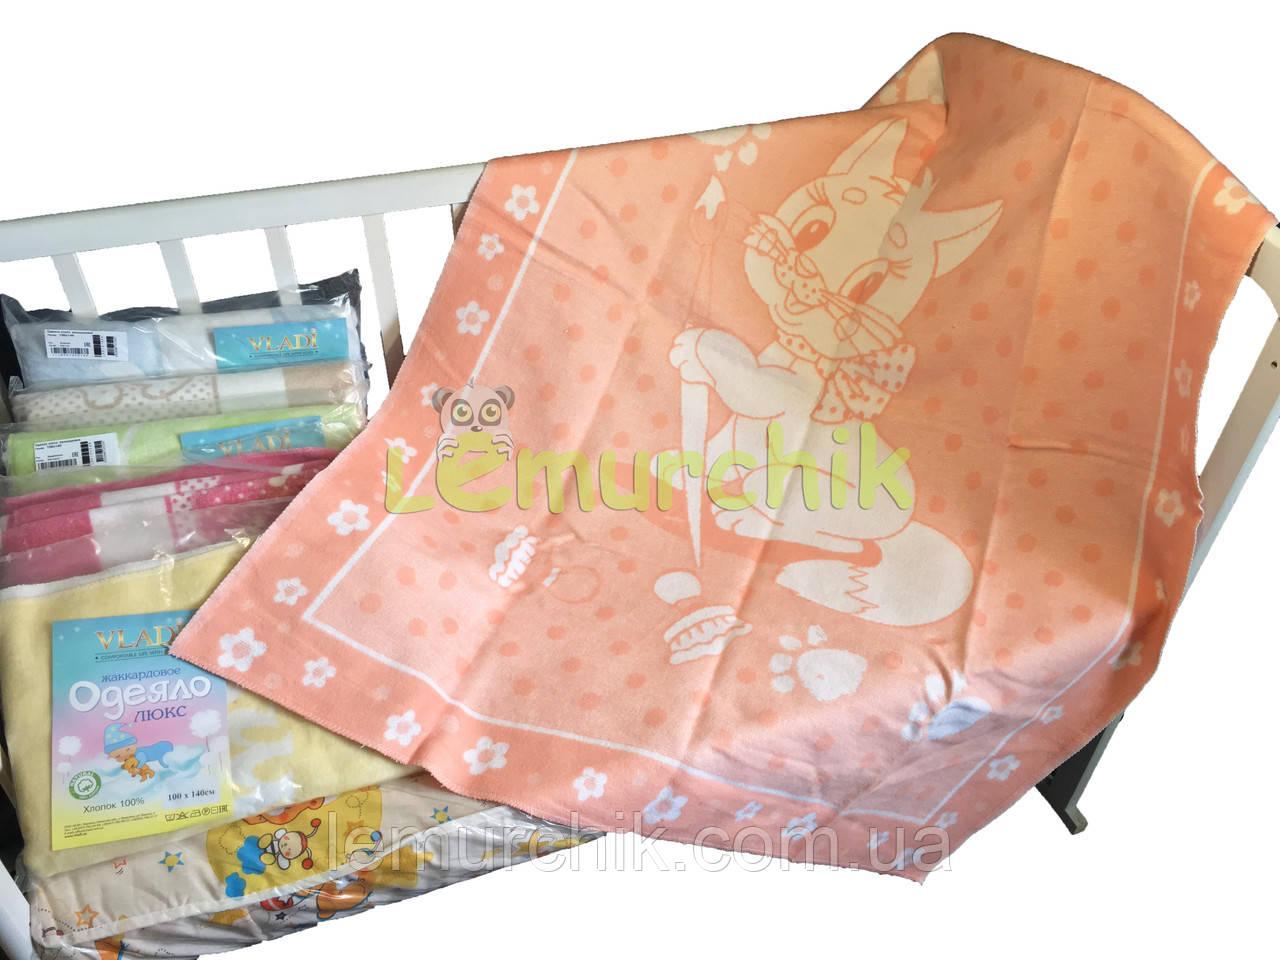 Теплое байковое одеяло 100% хлопок, оранжевое